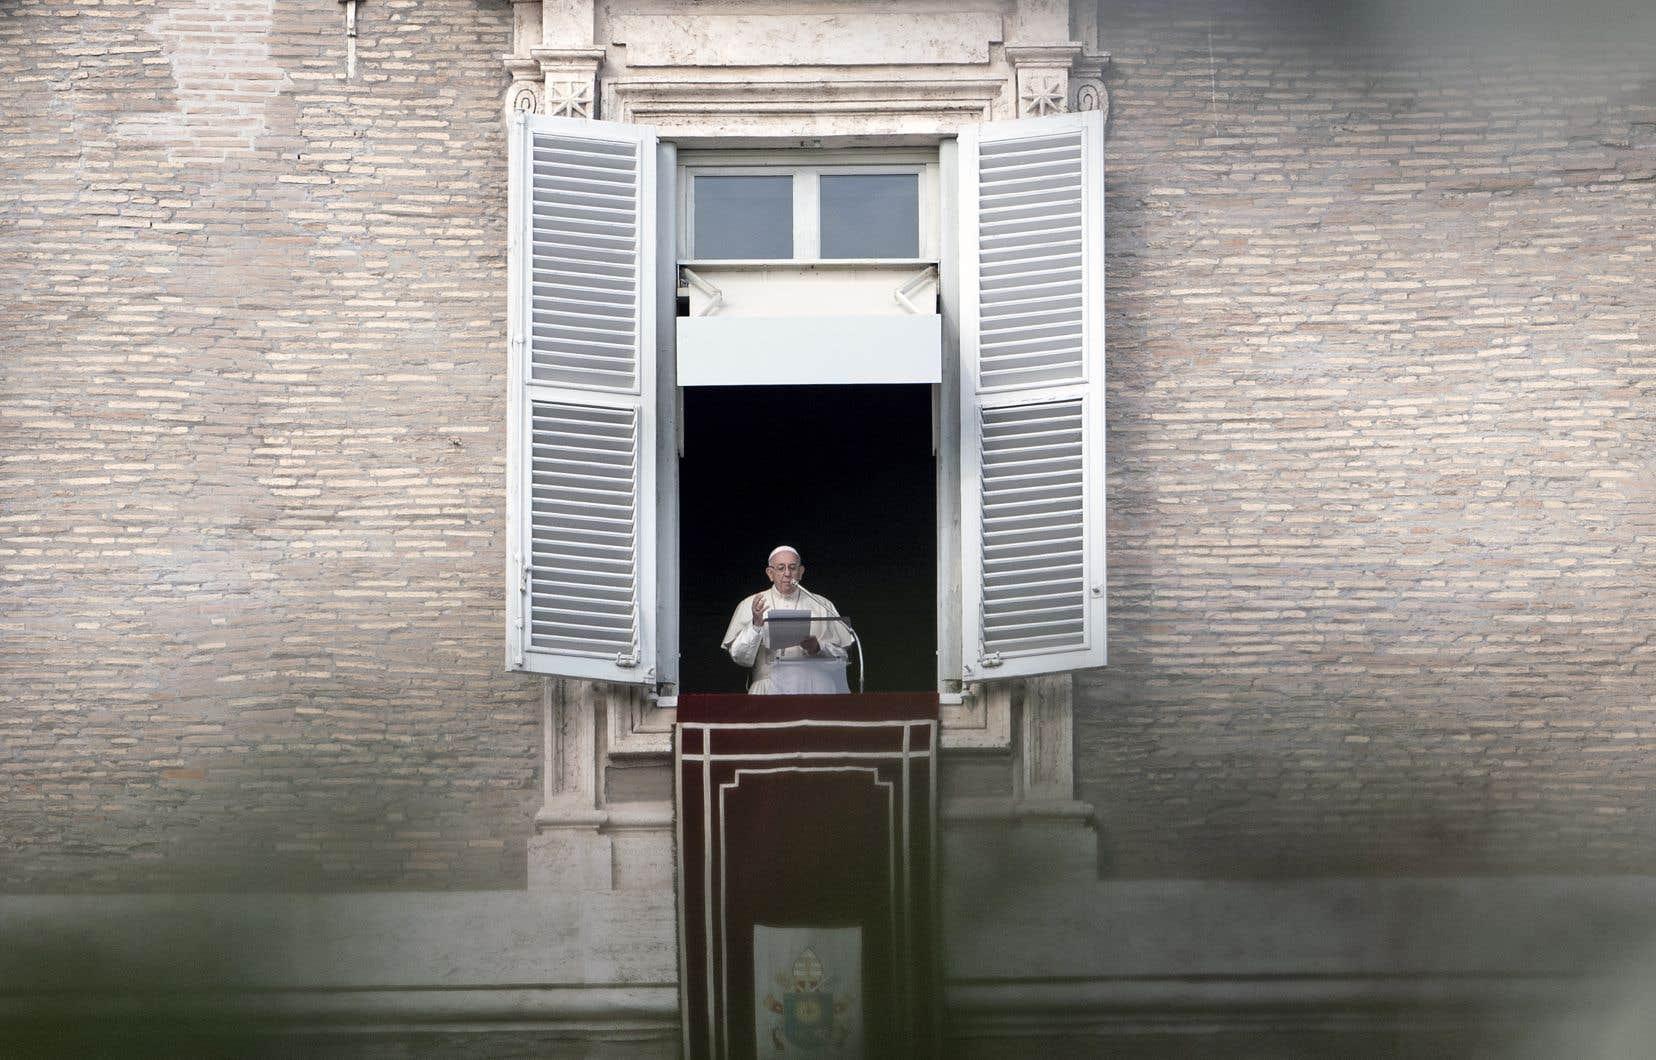 Le pape François à la fenêtre de ses appartements donnant sur la place Saint-Pierre, dimanche